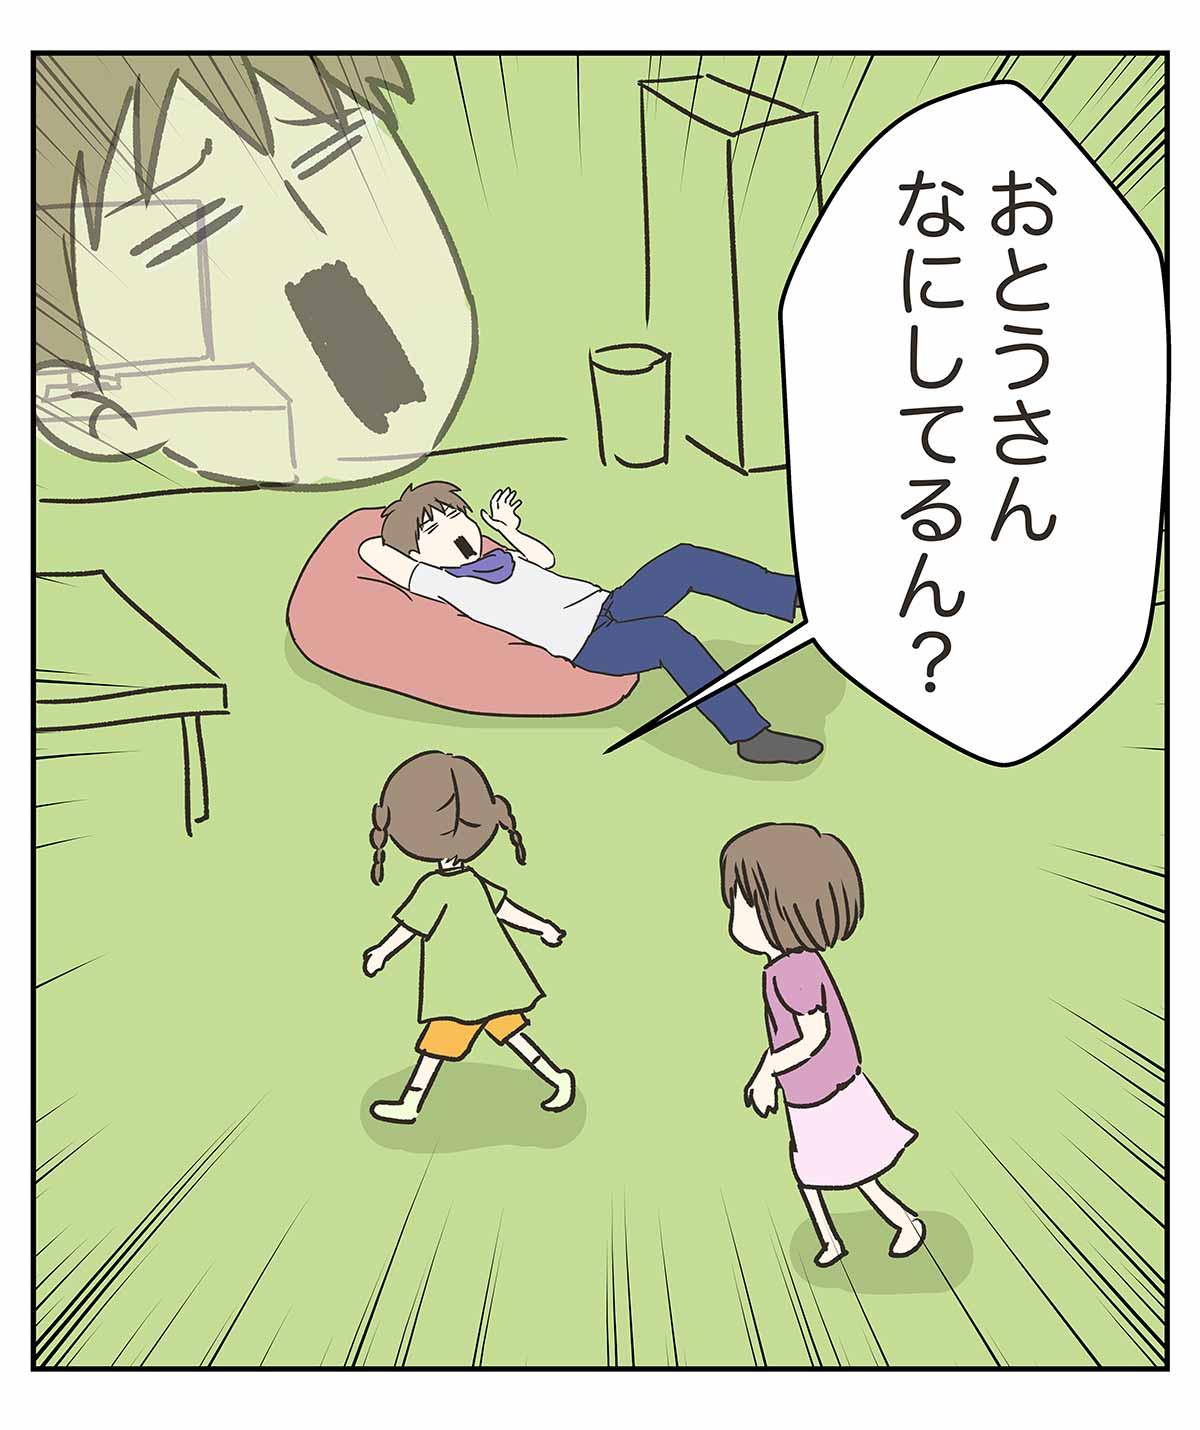 無慈悲!父が傷ついた娘からの一言とは